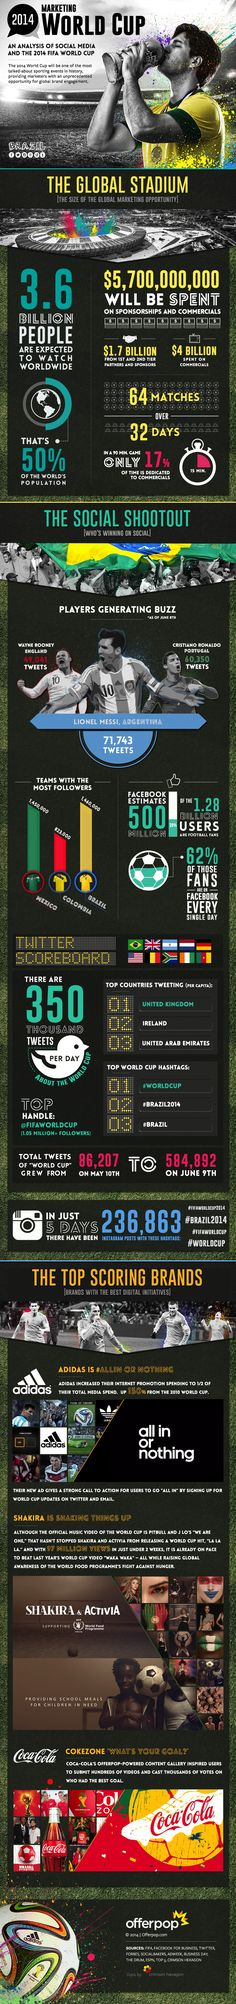 [Marketing] La Coupe du monde sur les réseaux sociaux - FrenchWeb.fr